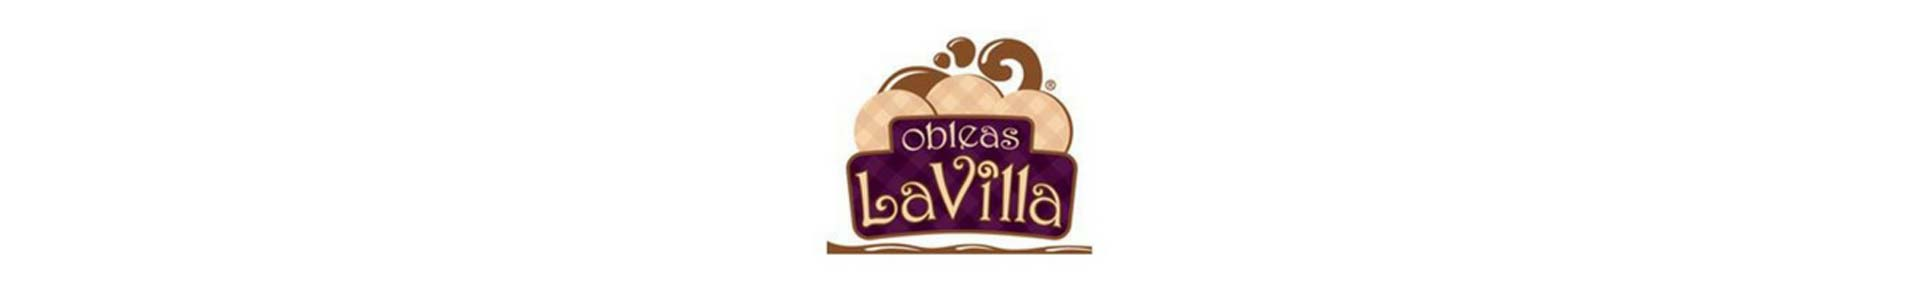 _Formato-header-obleaslavilla